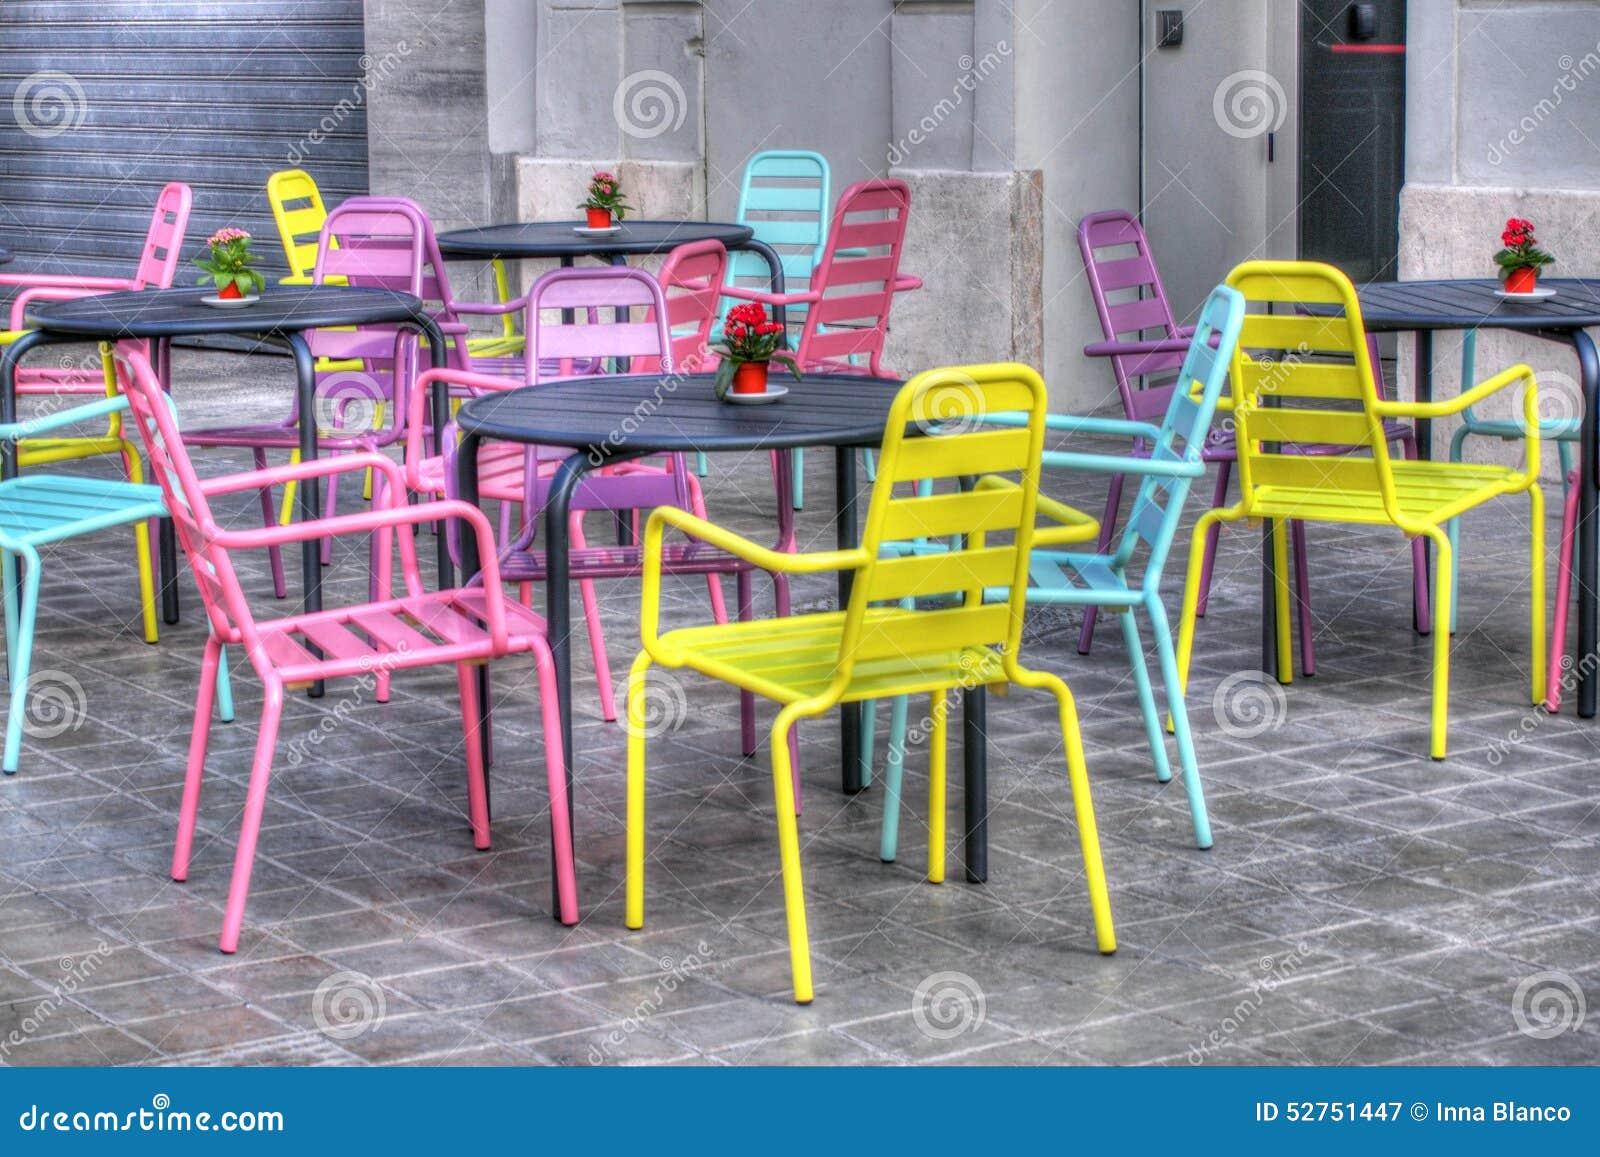 Wunderbar Bunte Stühle Sammlung Von Pattern Stühle Im Valencian Café, Spanien Stockbild